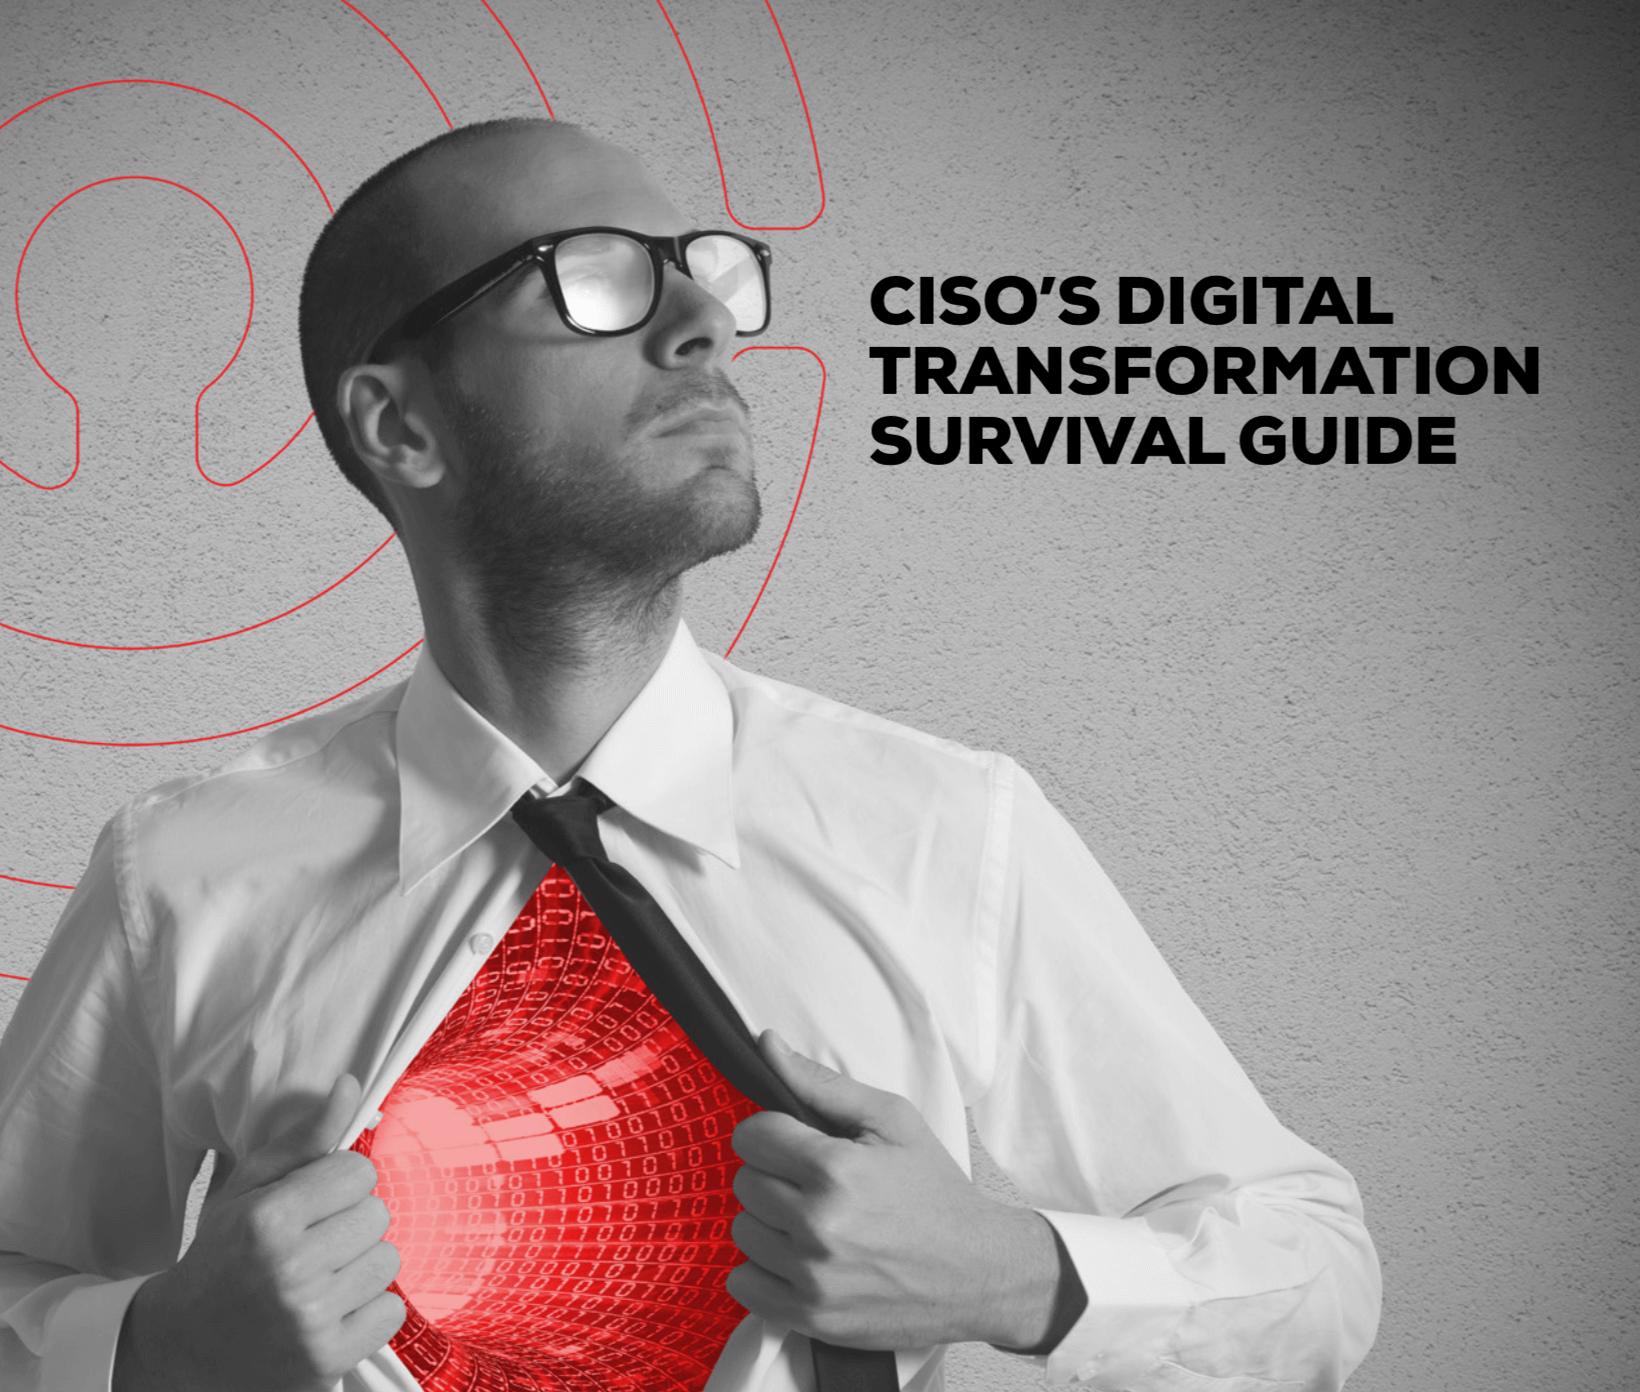 CISO Digital Transformation